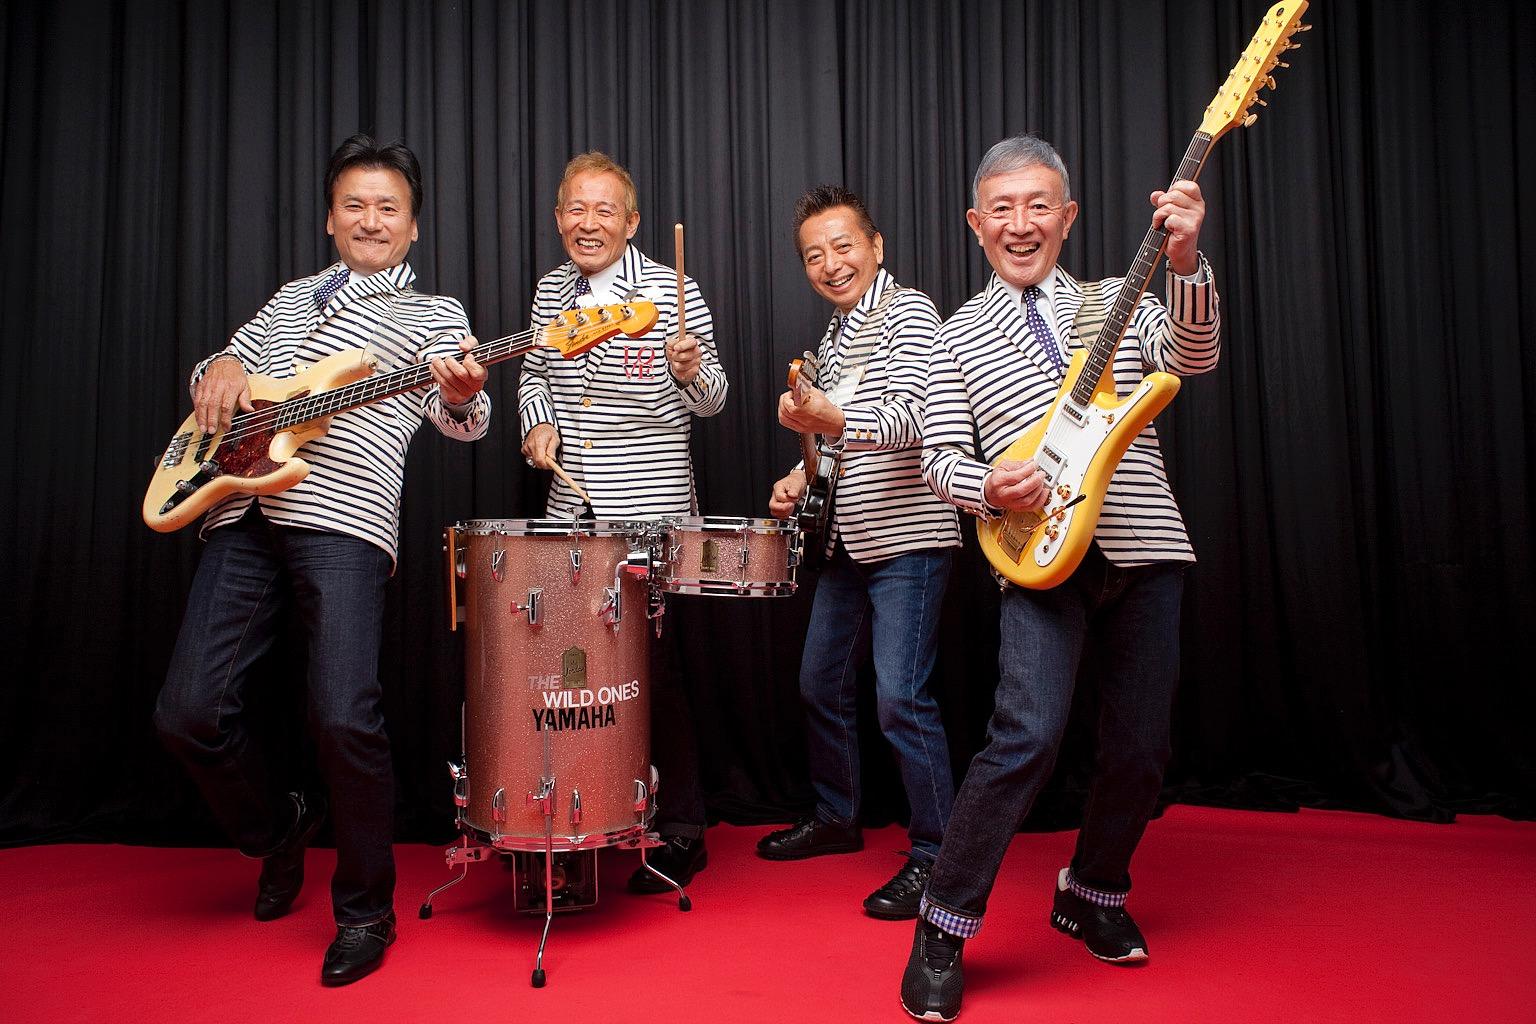 加瀬邦彦さん(右端)らワイルドワンズの面々=加瀬邦彦音楽事務所提供